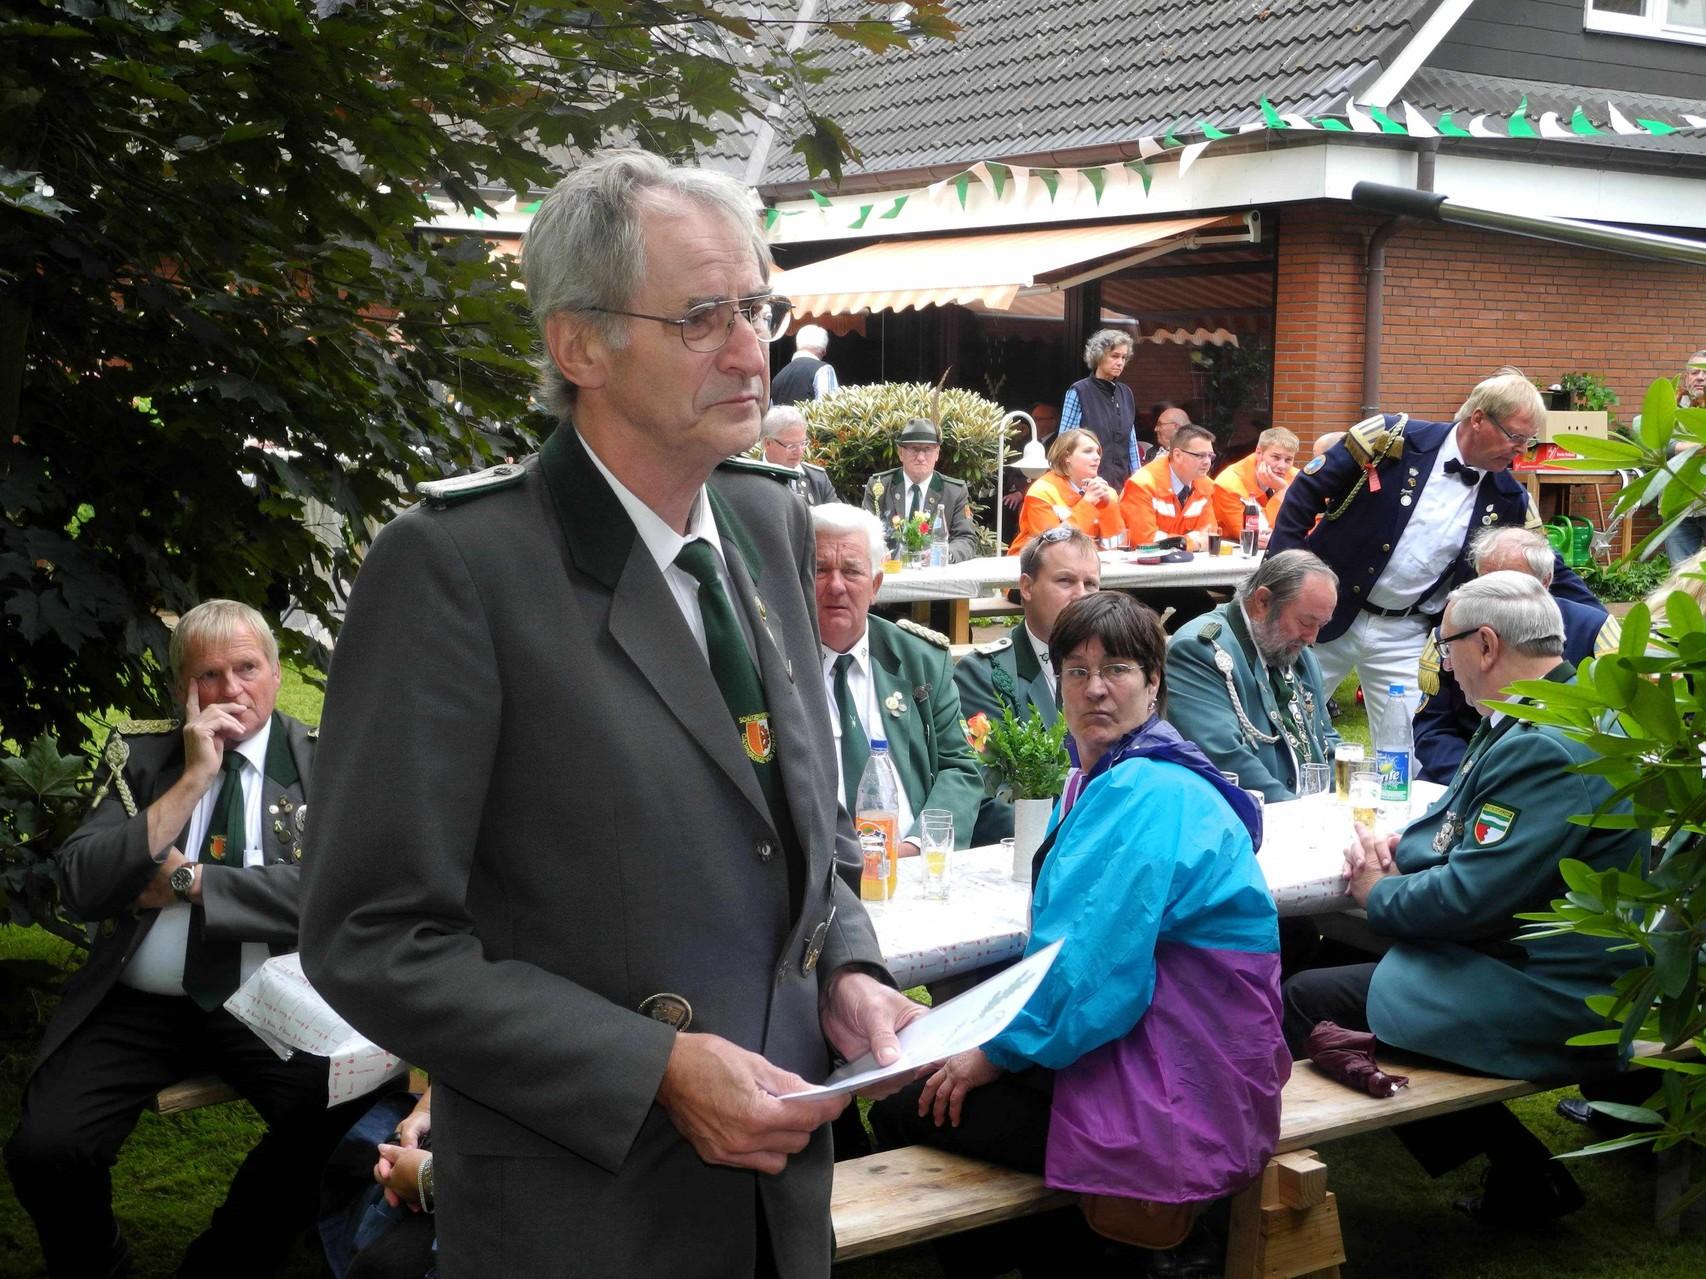 Horst von der Reith lauscht den Worten von Jürgen Bauer (3. Beisitzer), der die Laudatio auf Horst von der Reith verliest.